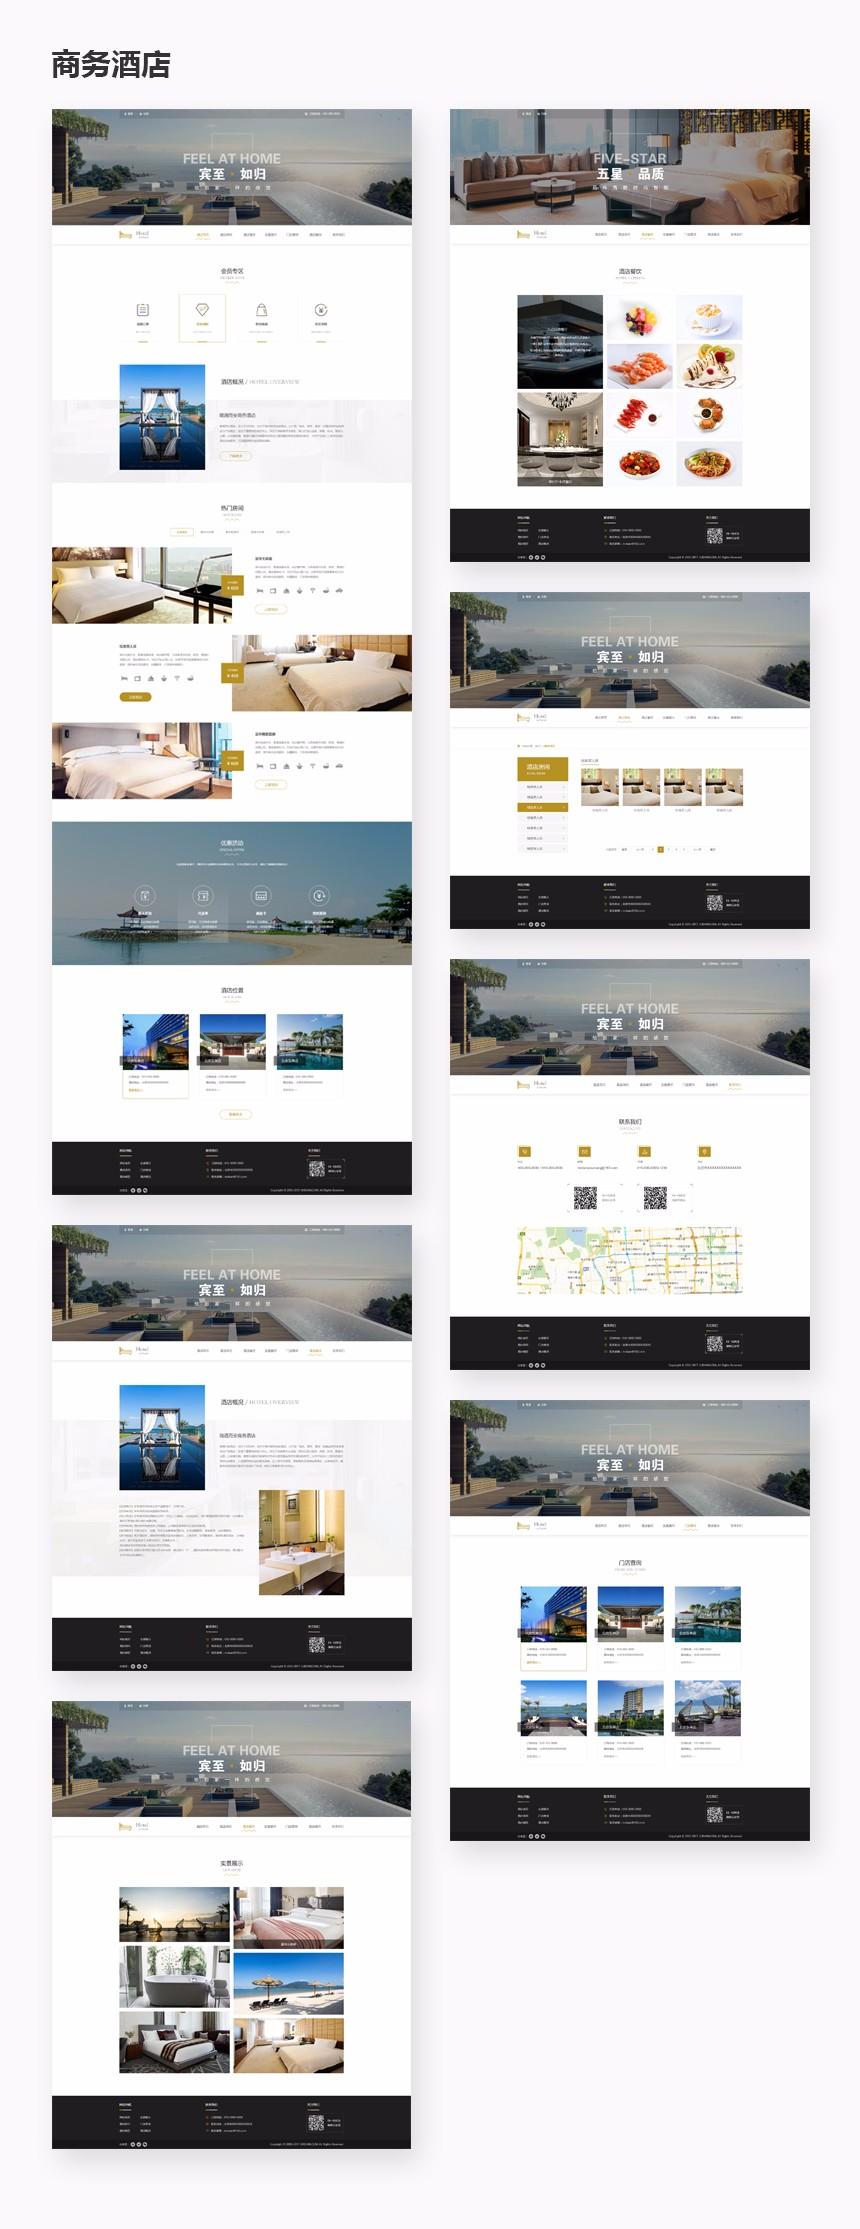 商务酒店预览.jpg